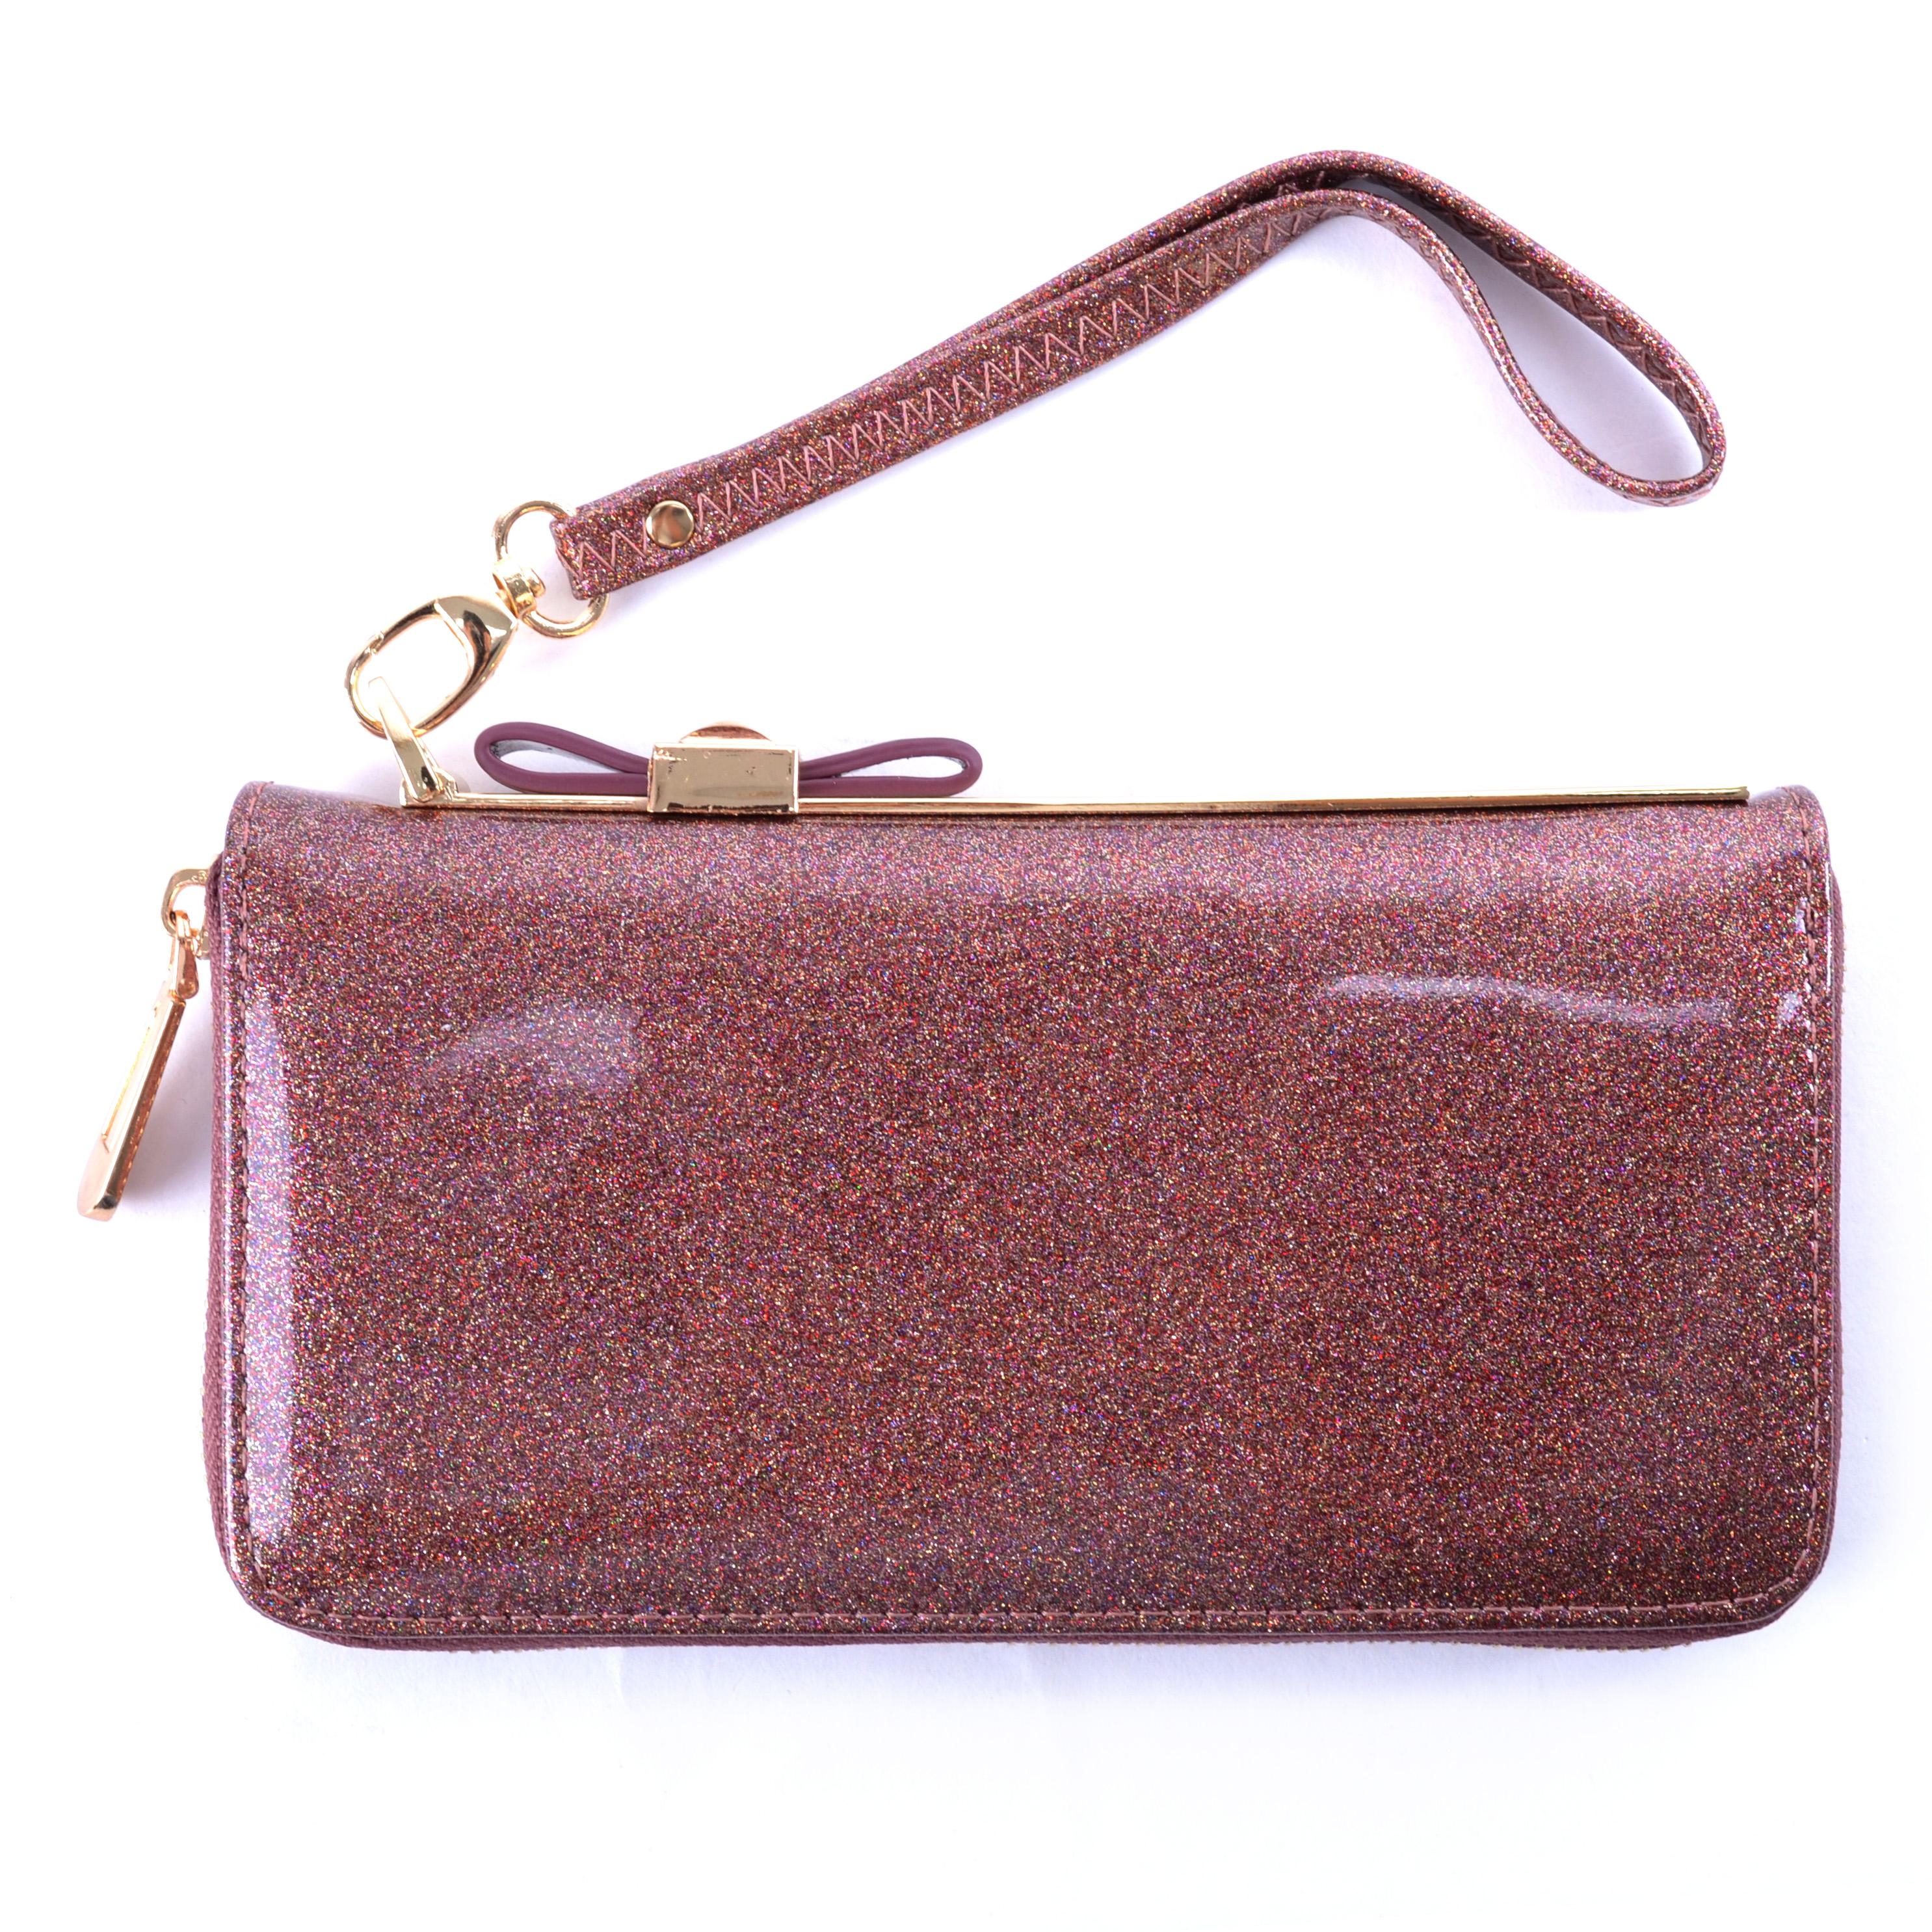 Női Lakk Pénztárca Lila - NŐI PÉNZTÁRCÁK - Táska webáruház - Minőségi táskák  mindenkinek 483cad5df2